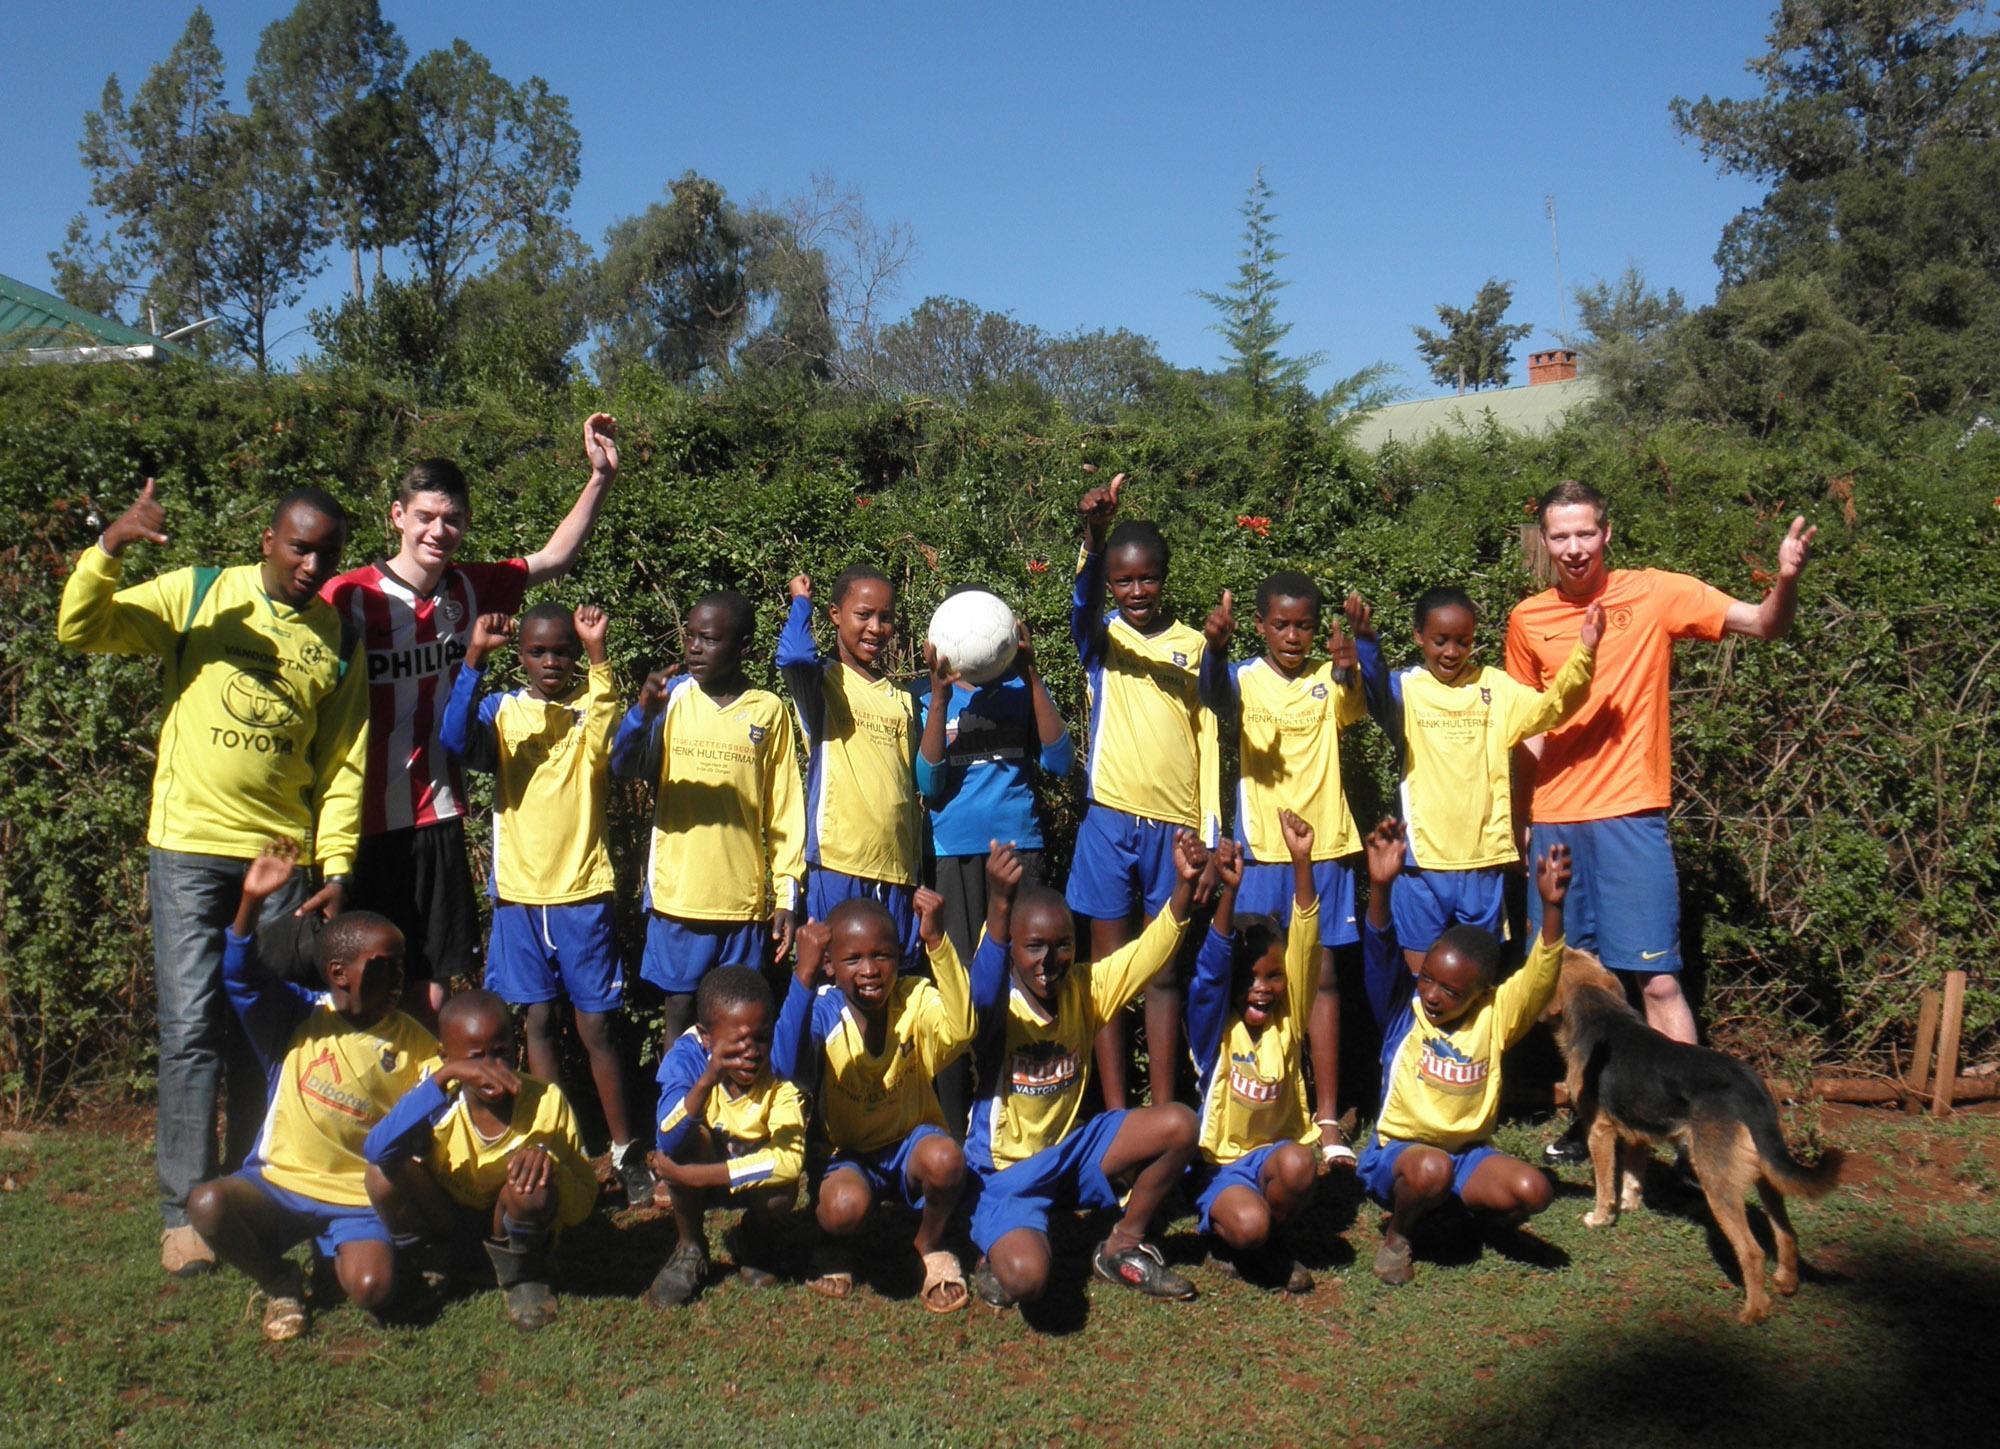 學校年輕的足球隊隊員與國際志工的合照